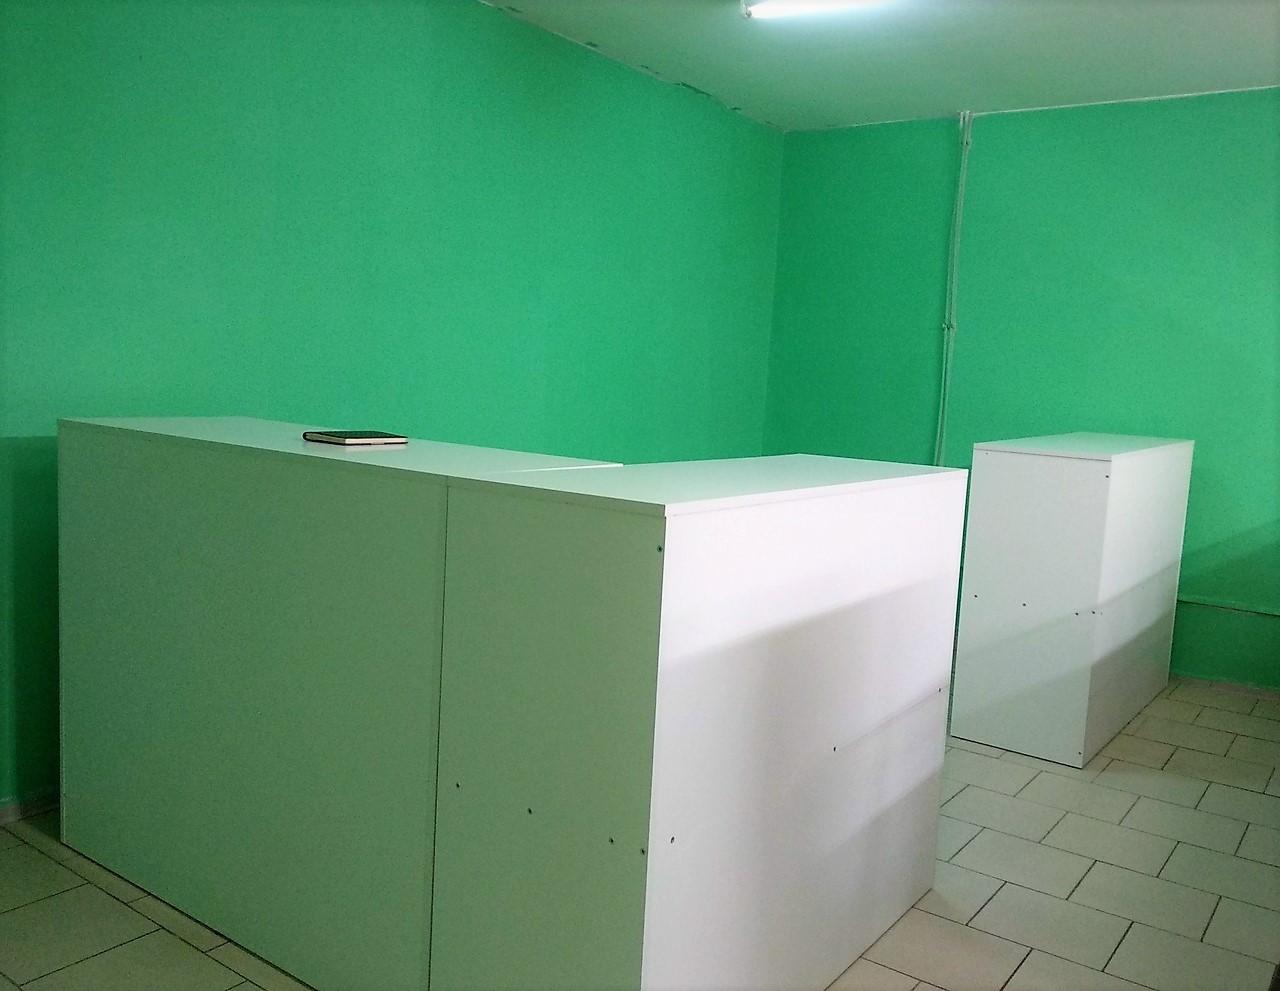 Печатный центр до ремонта. Фото из личного архива Евгения Кудина